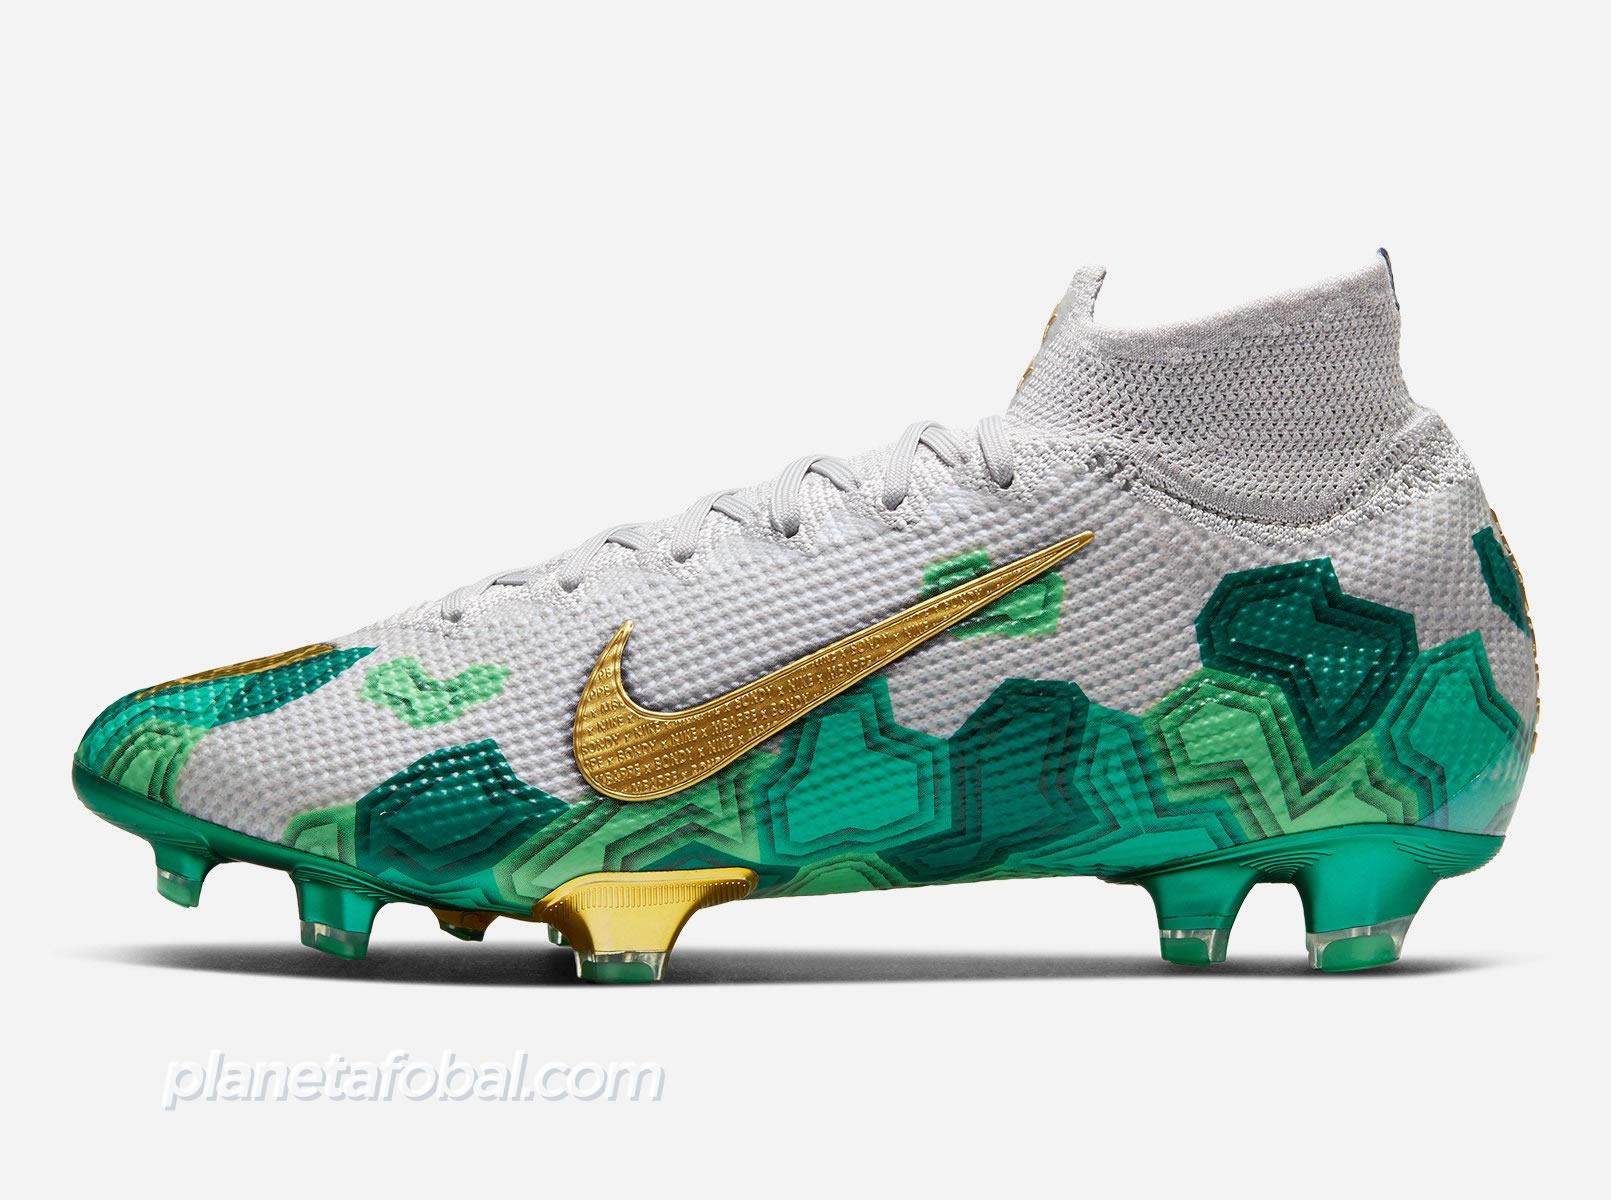 calidad autentica Amazonas bajo precio Botines Nike Mercurial Bondy Dreams de Kylian Mbappé